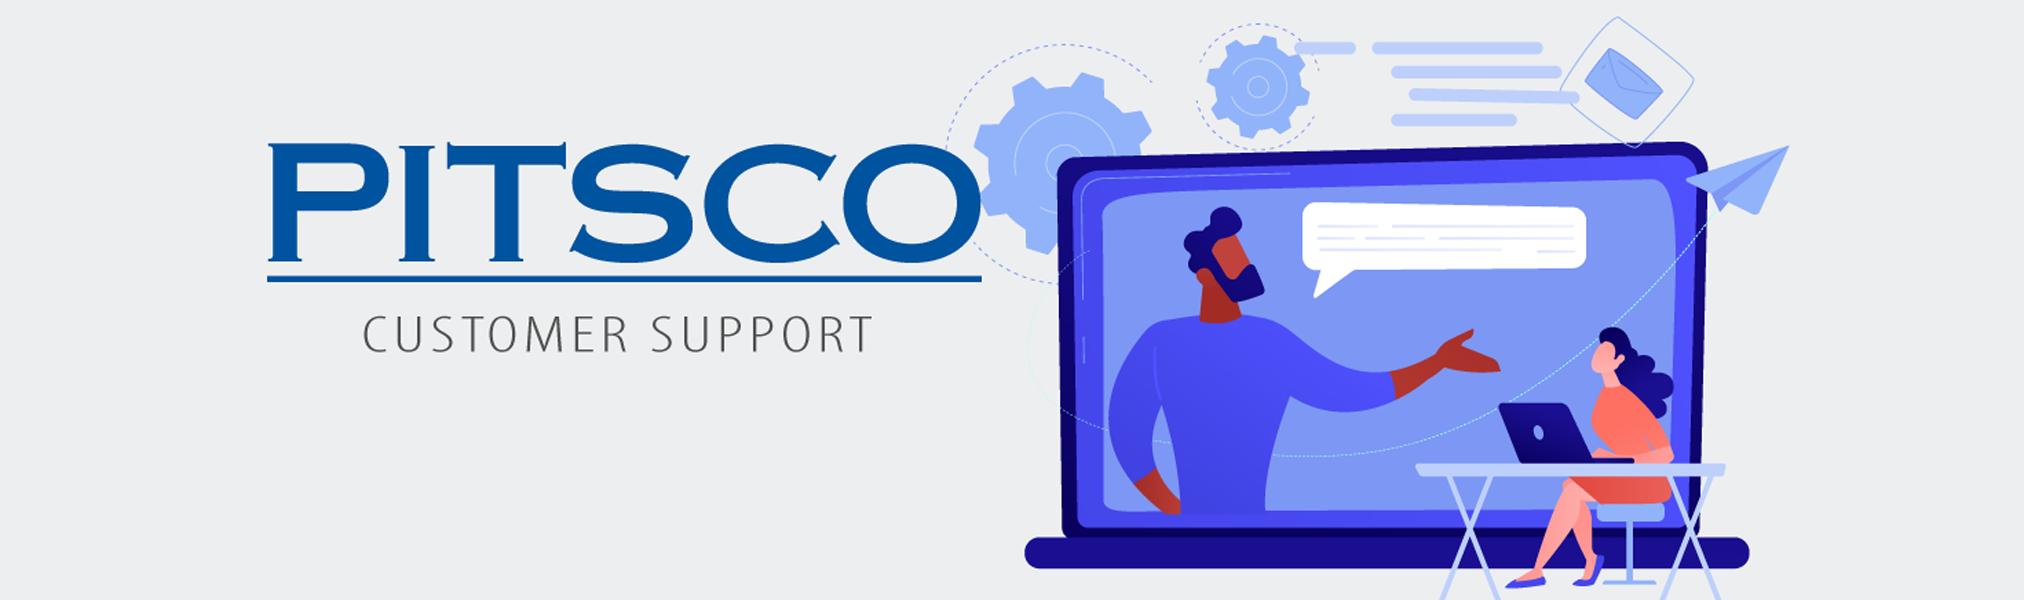 Pitsco-Customer-Graphic-Webinars2-1366-0420